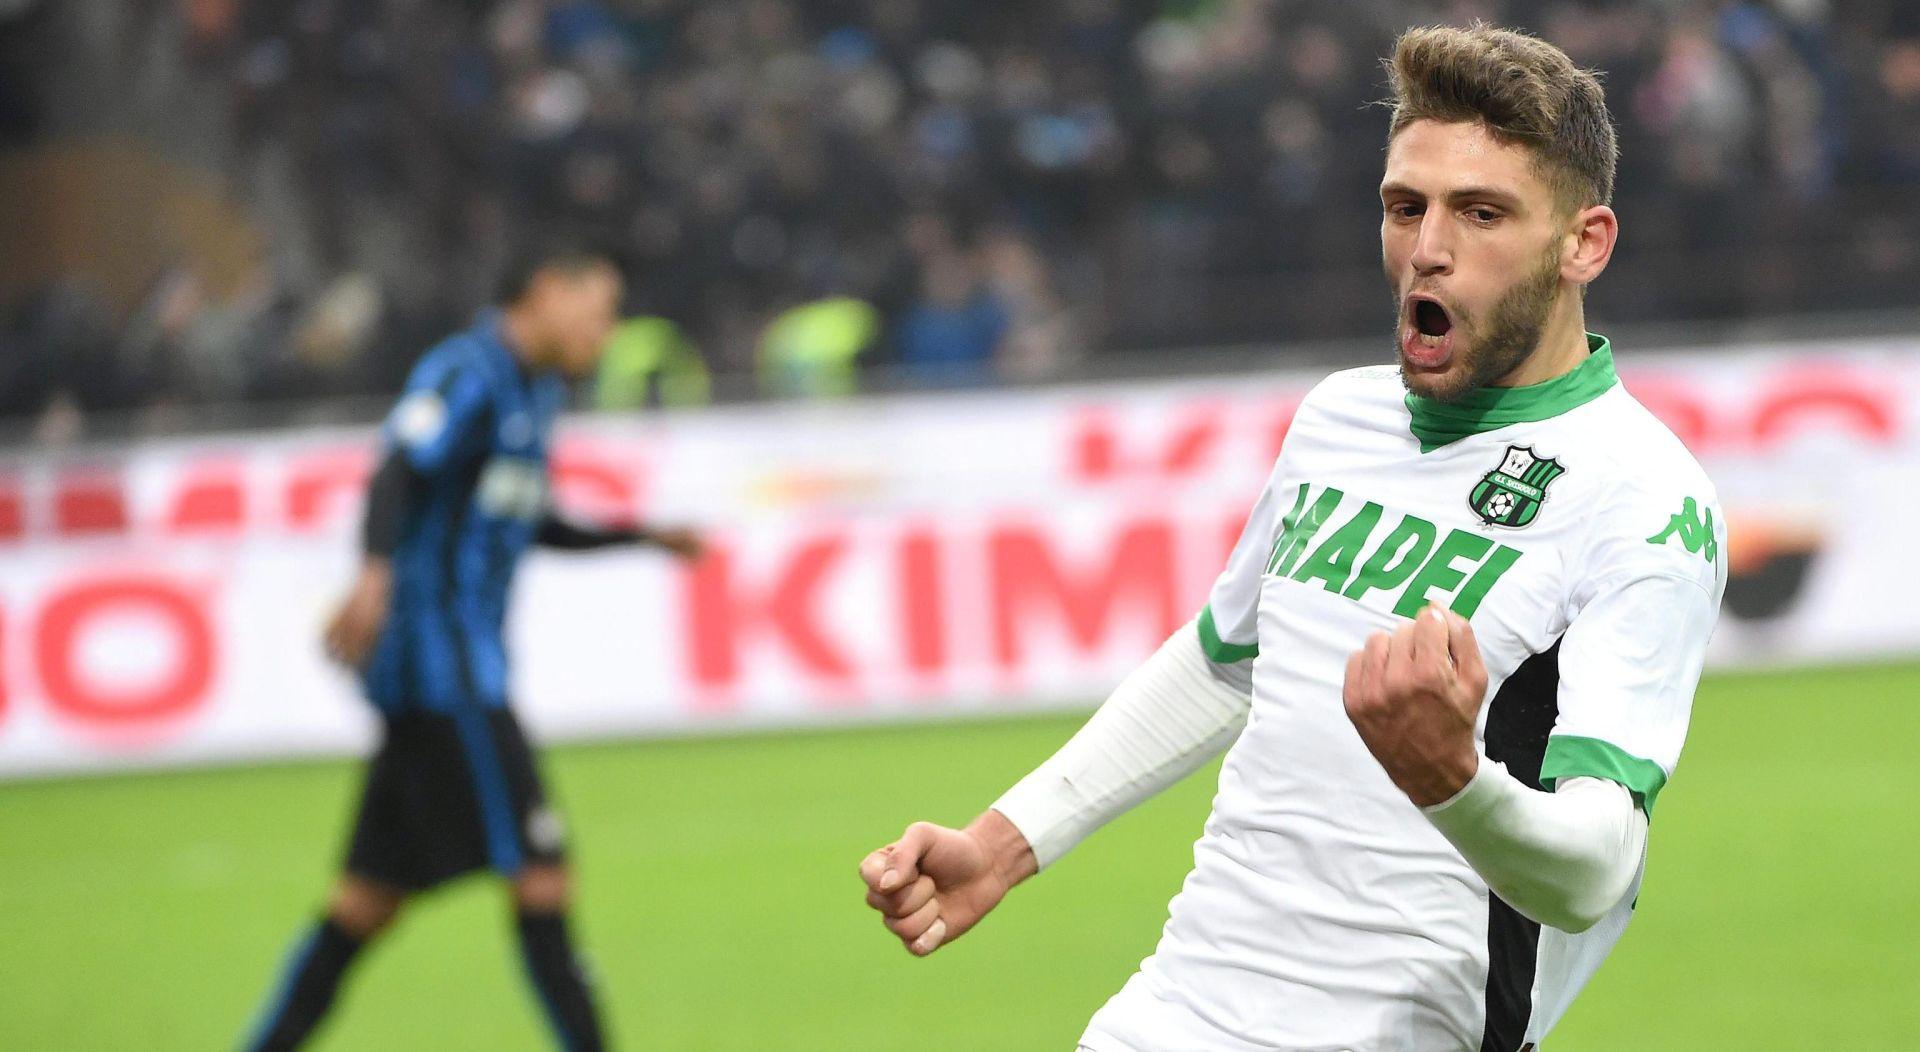 SERIE A Inter izgubio od Sassuoloa penalom u sudačkoj nadoknadi, Napoli preuzeo vrh